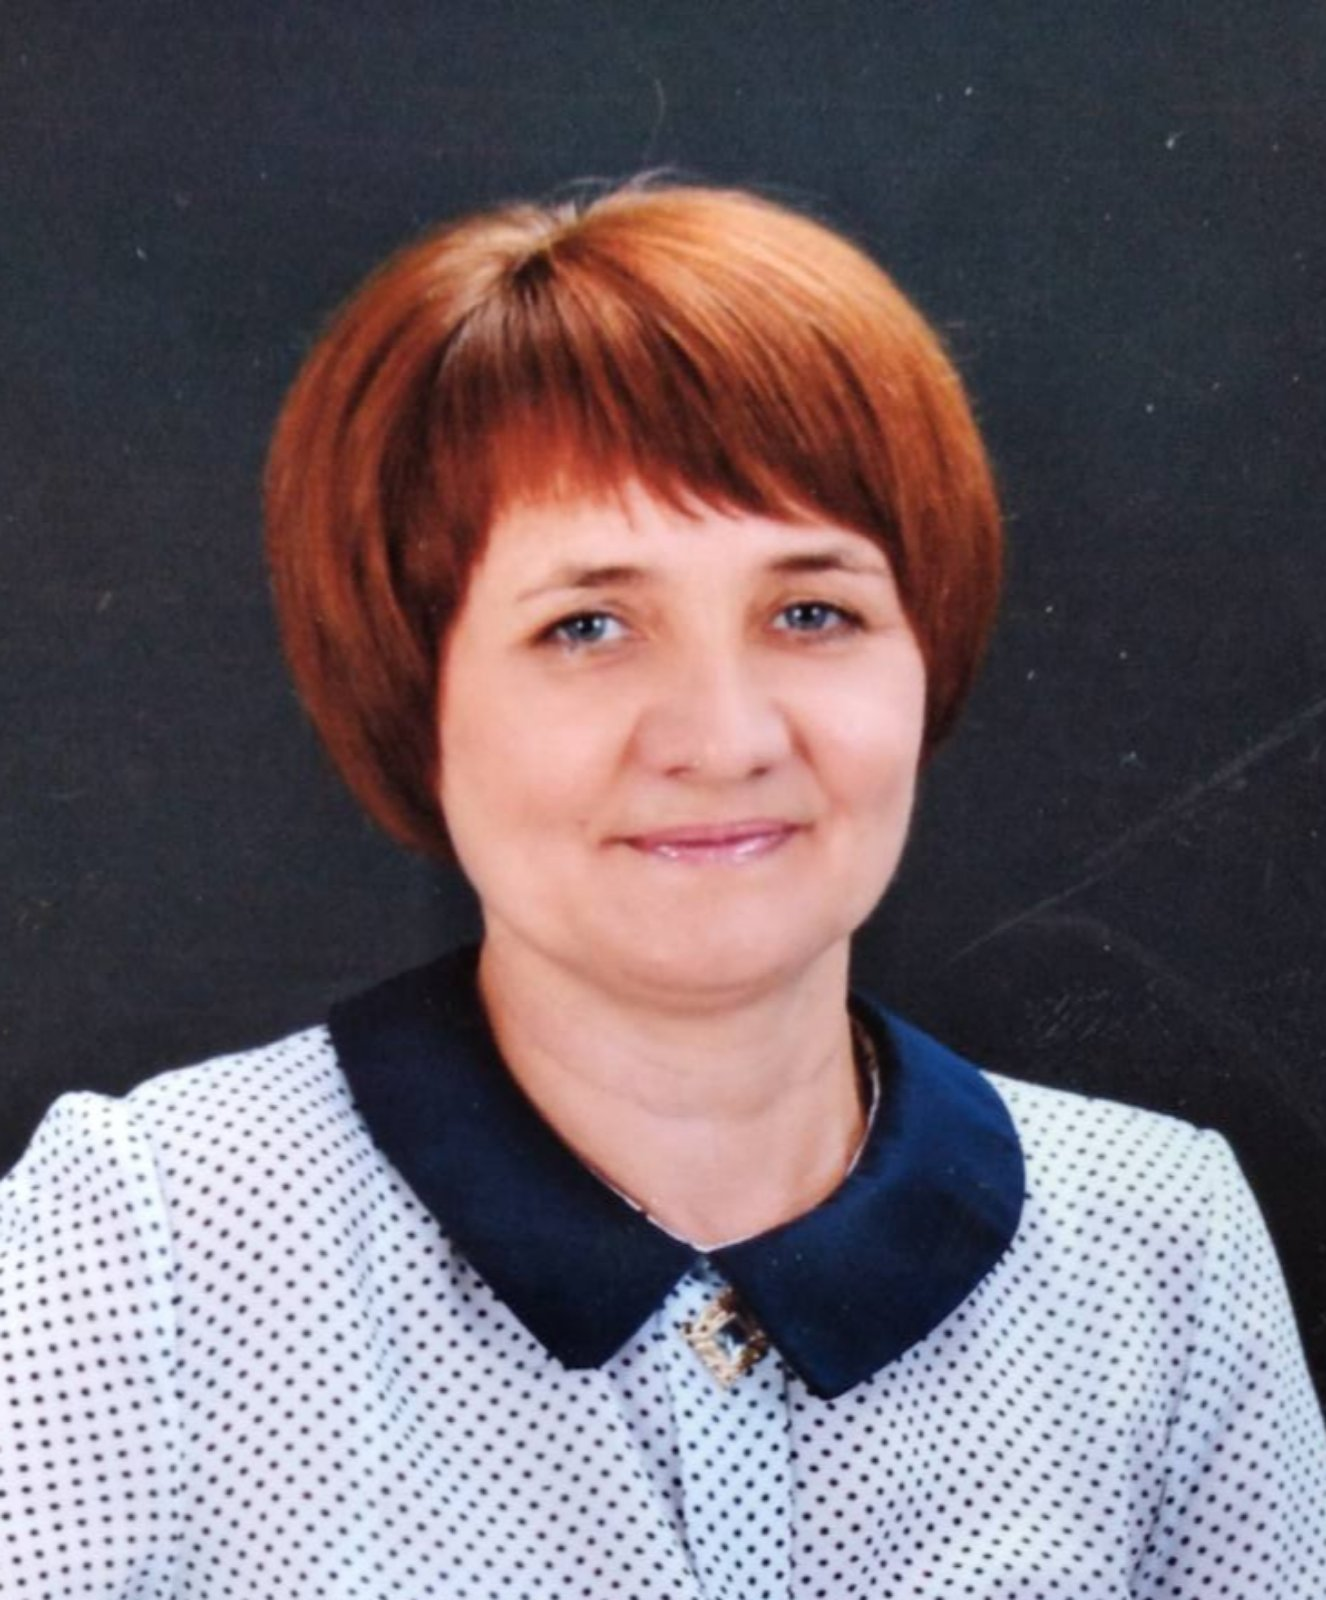 Текст 2 - Няня педагог